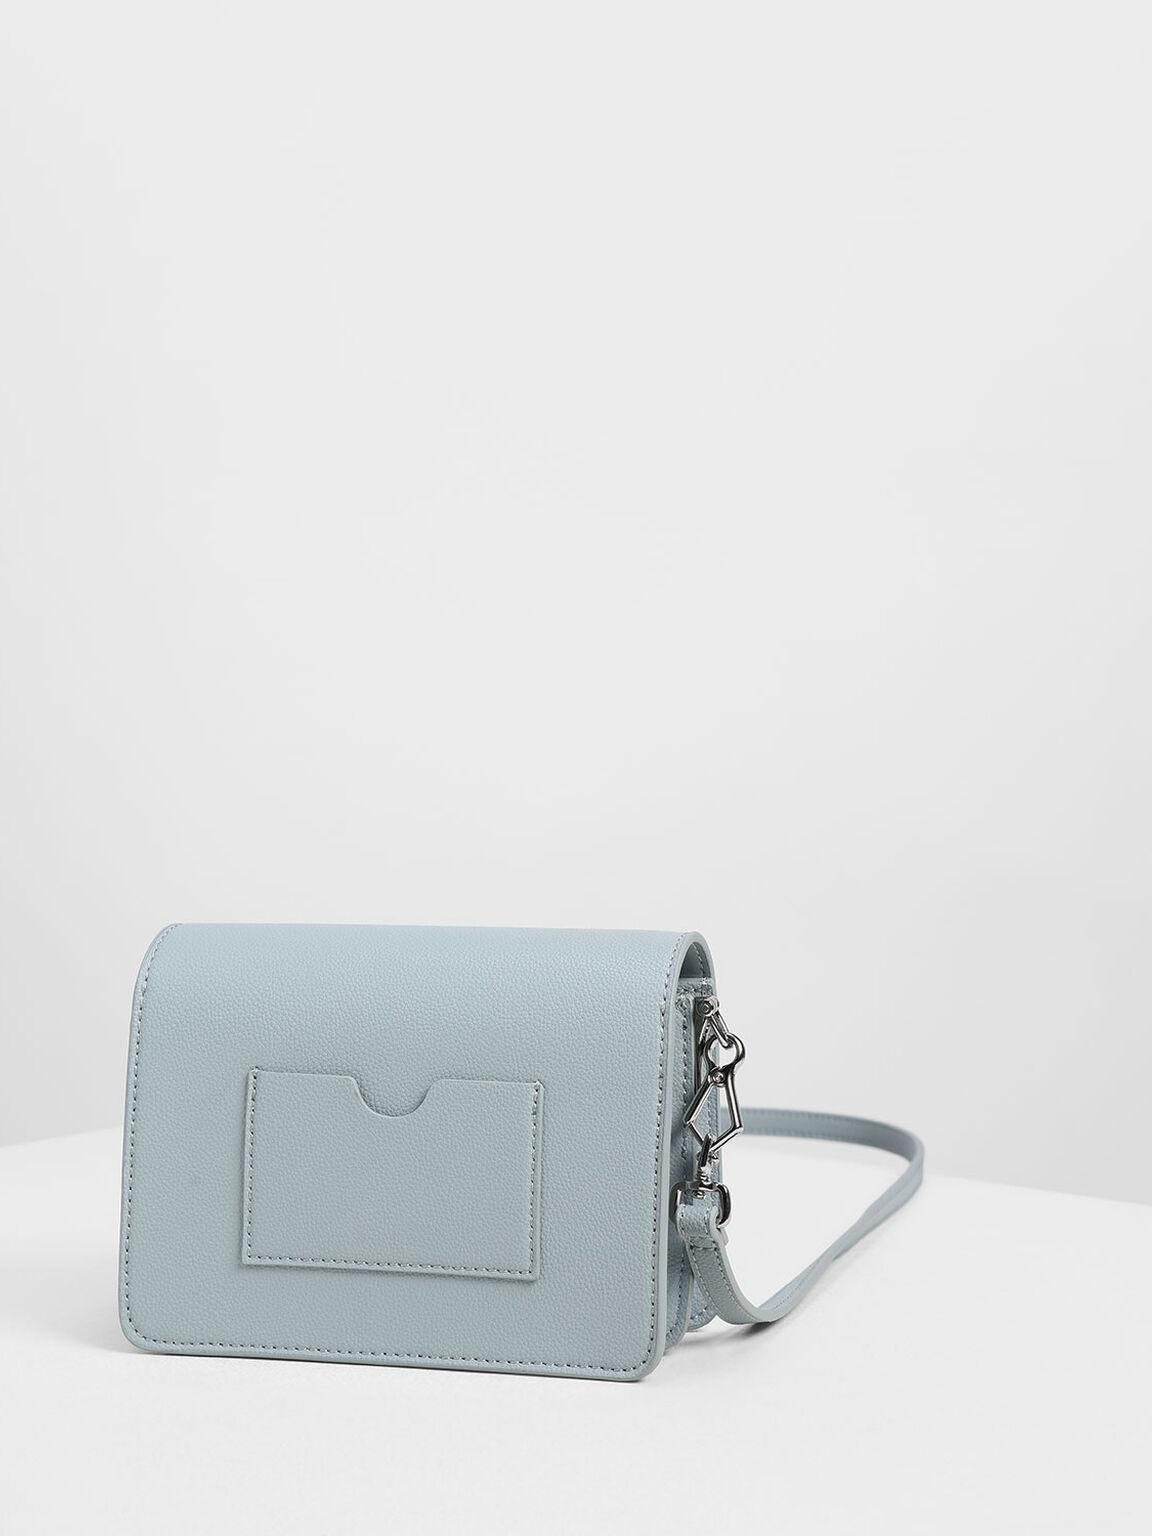 Tassel Shoulder Bag, Slate Blue, hi-res